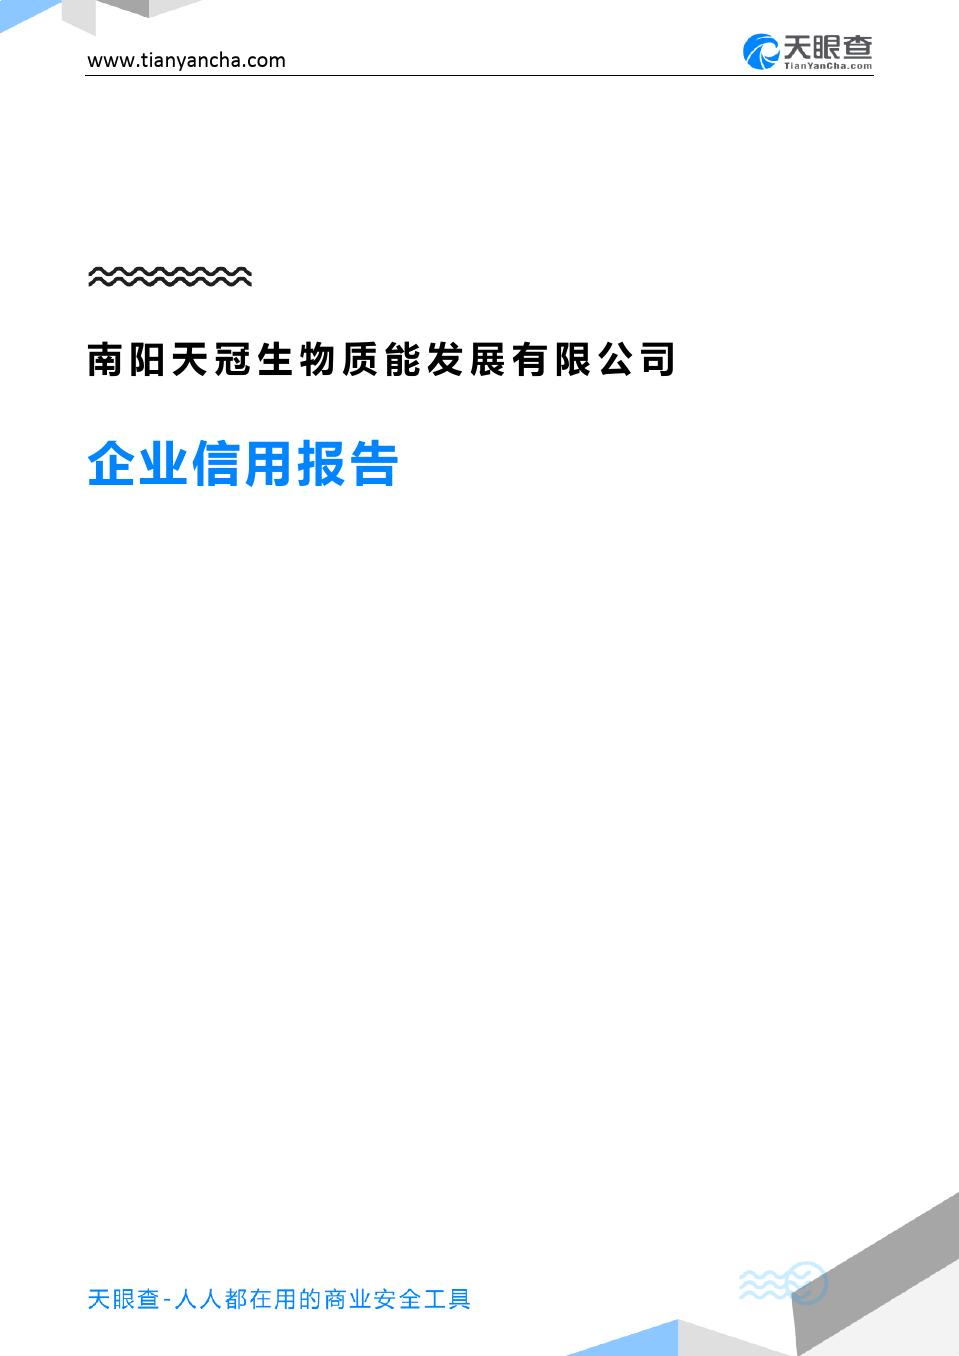 南阳天冠生物质能发展有限公司(企业信用报告)- 天眼查